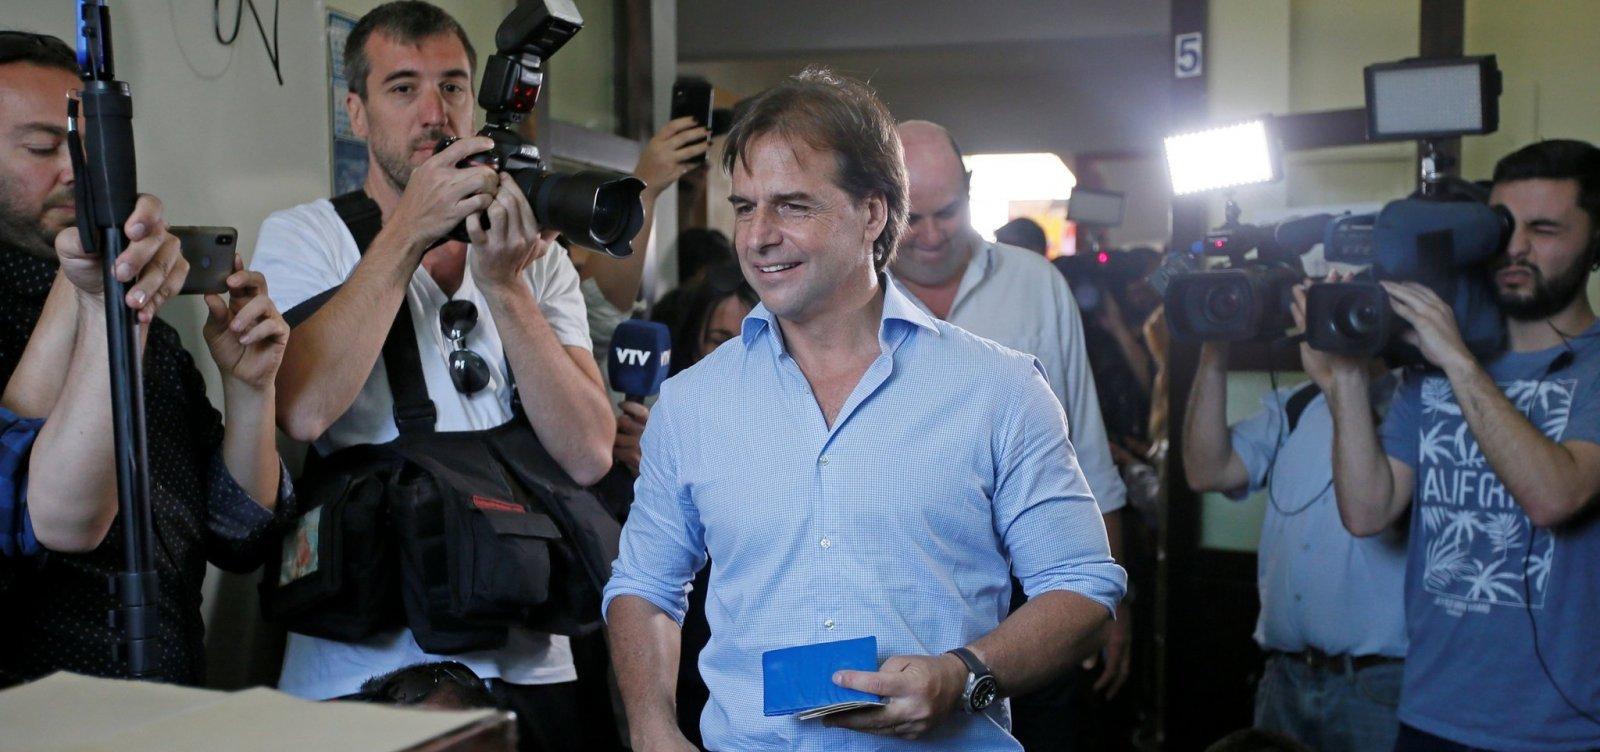 [Com votação acirrada, Corte Eleitoral do Uruguai adia anúncio denovo presidente]